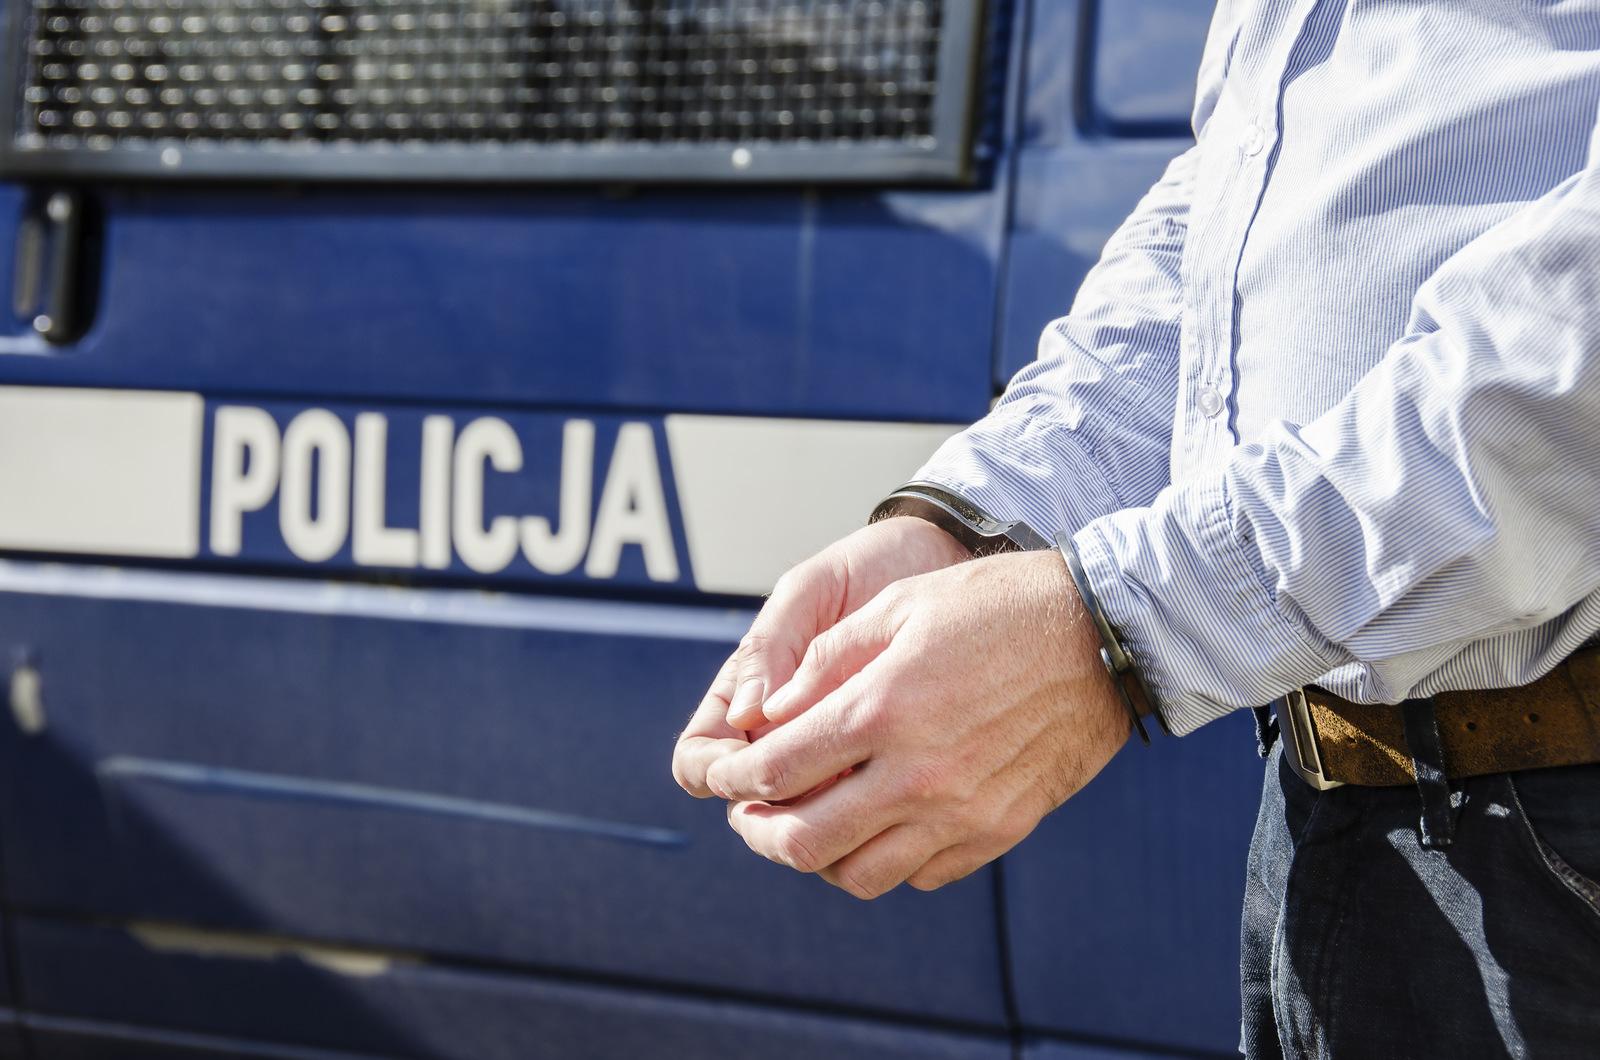 """Kierowca miał półtora promila. Co zaproponował policjantom za """"przymknięcie oka""""? - Zdjęcie główne"""